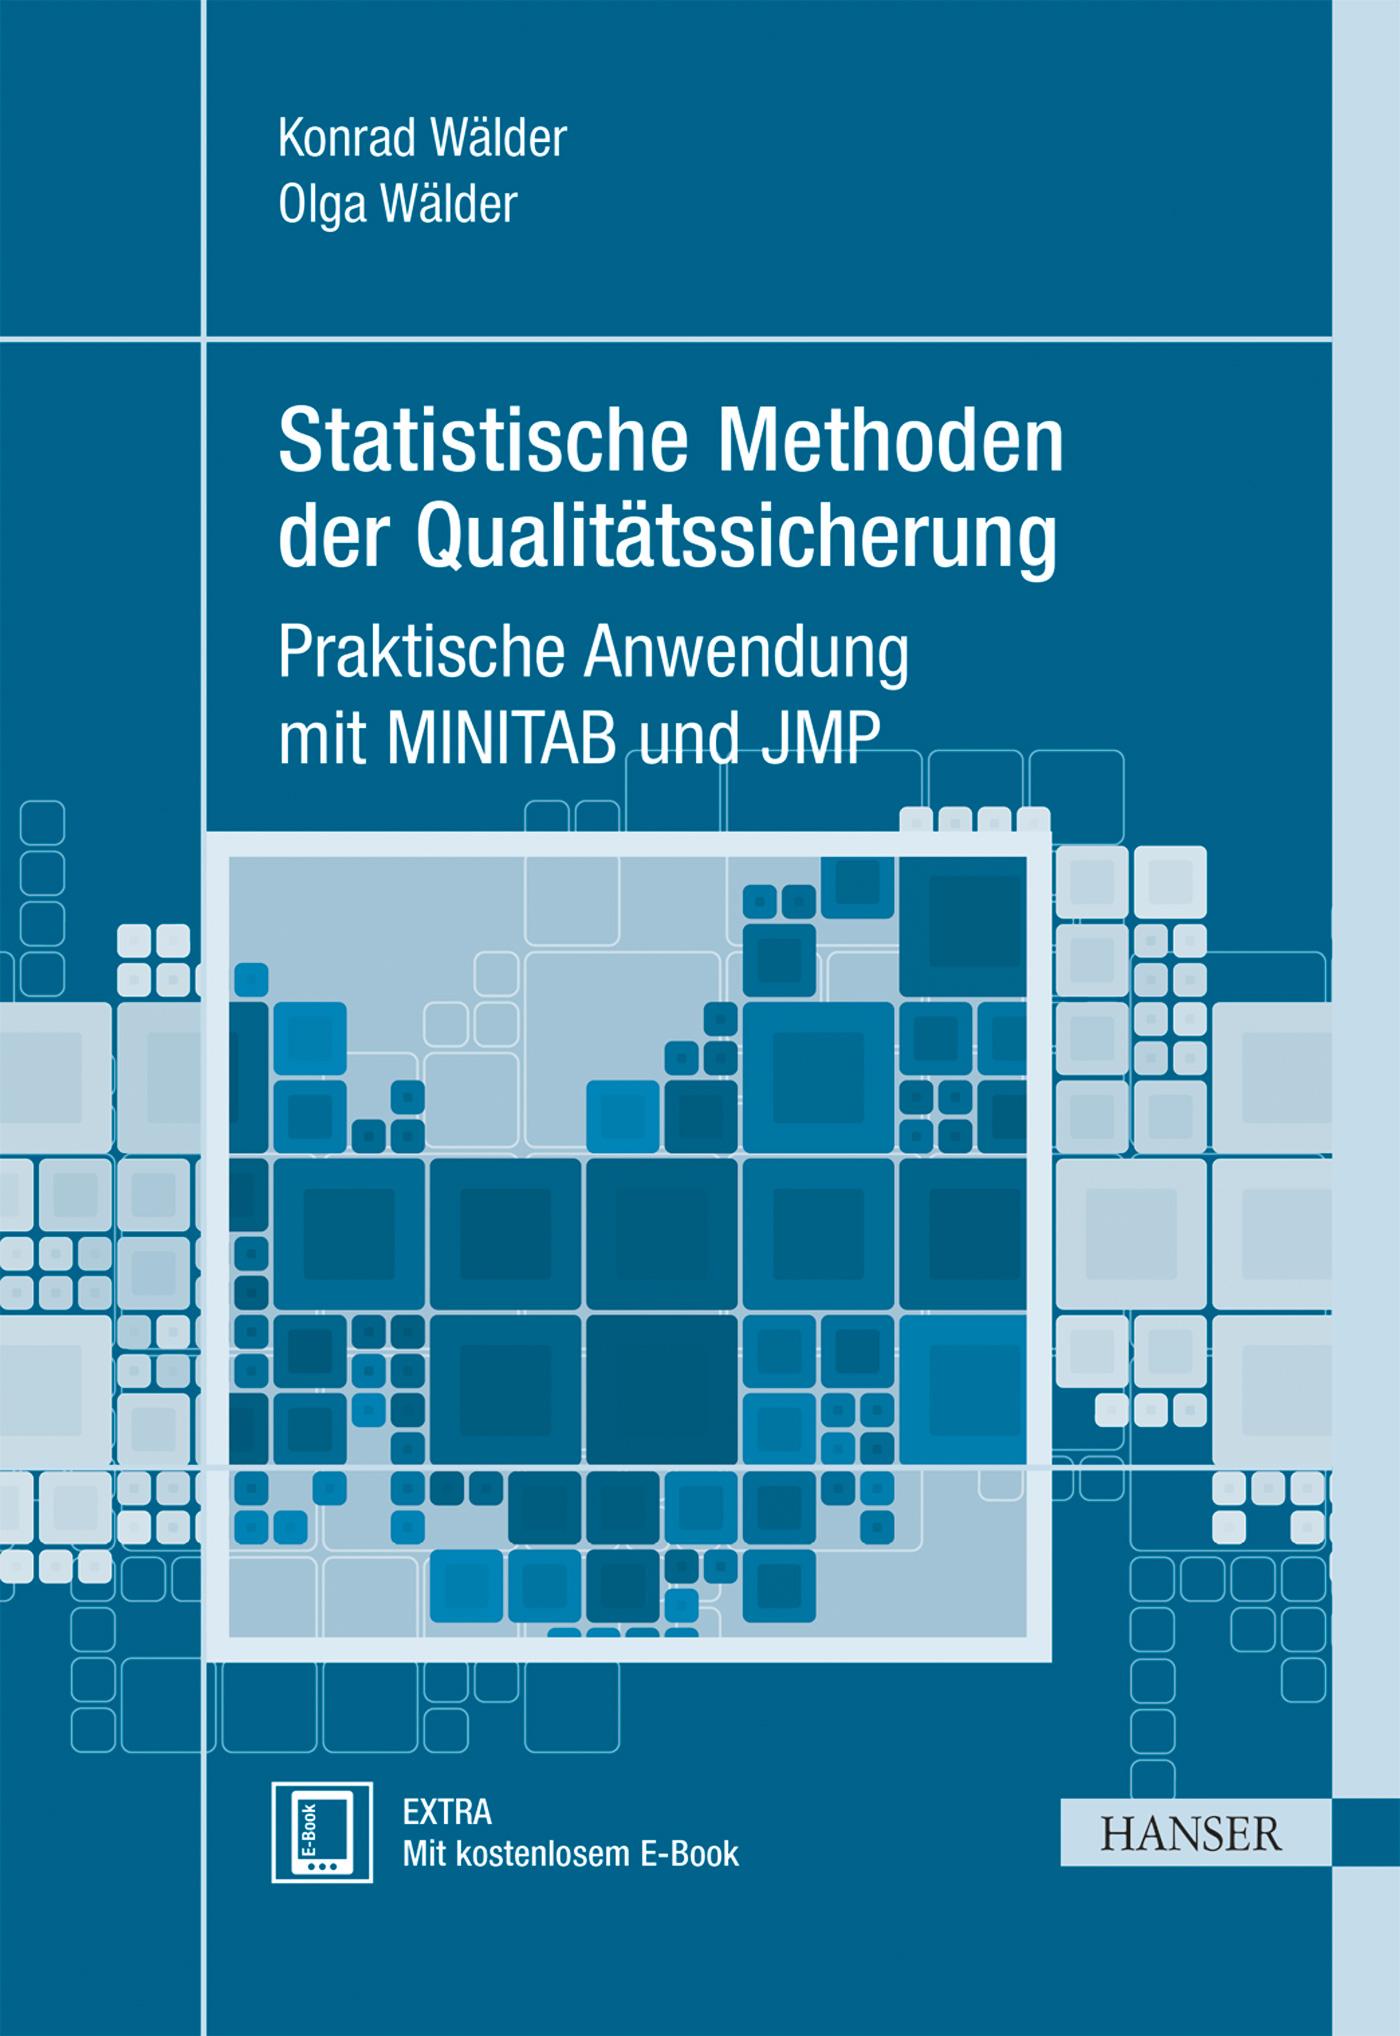 Wälder, Wälder, Statistische Methoden der Qualitätssicherung, 978-3-446-43217-8